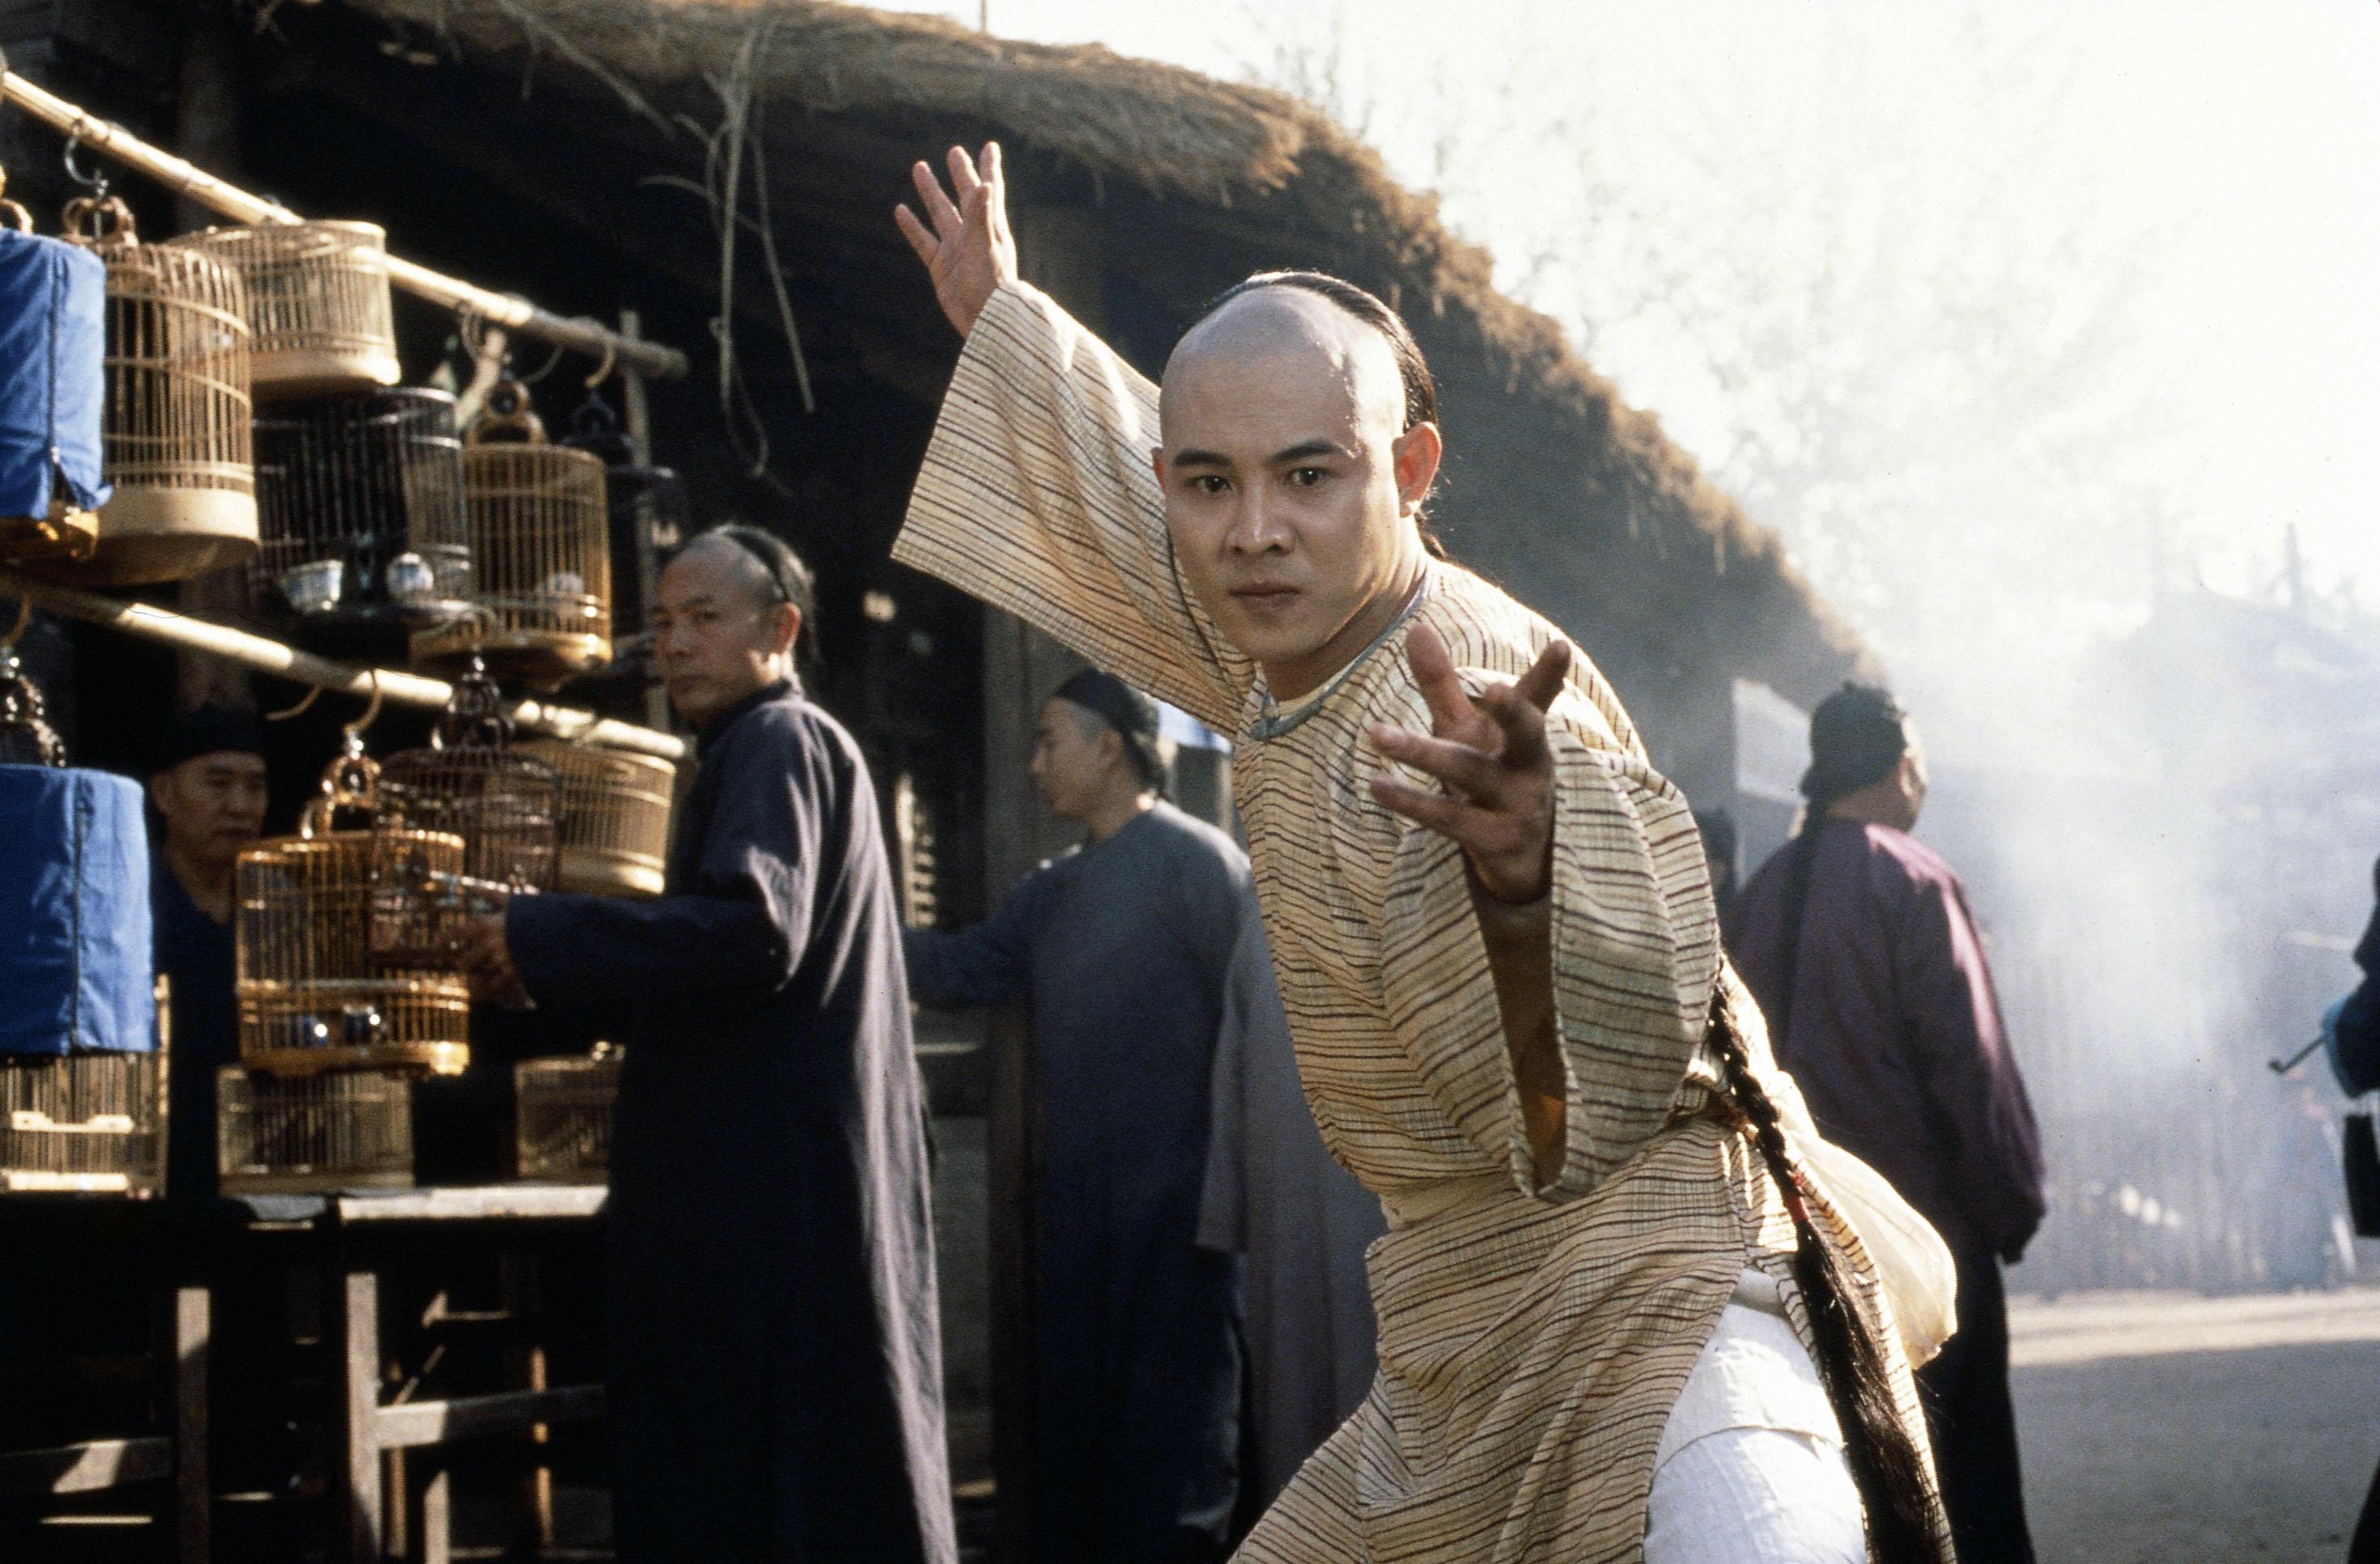 fangshiyu